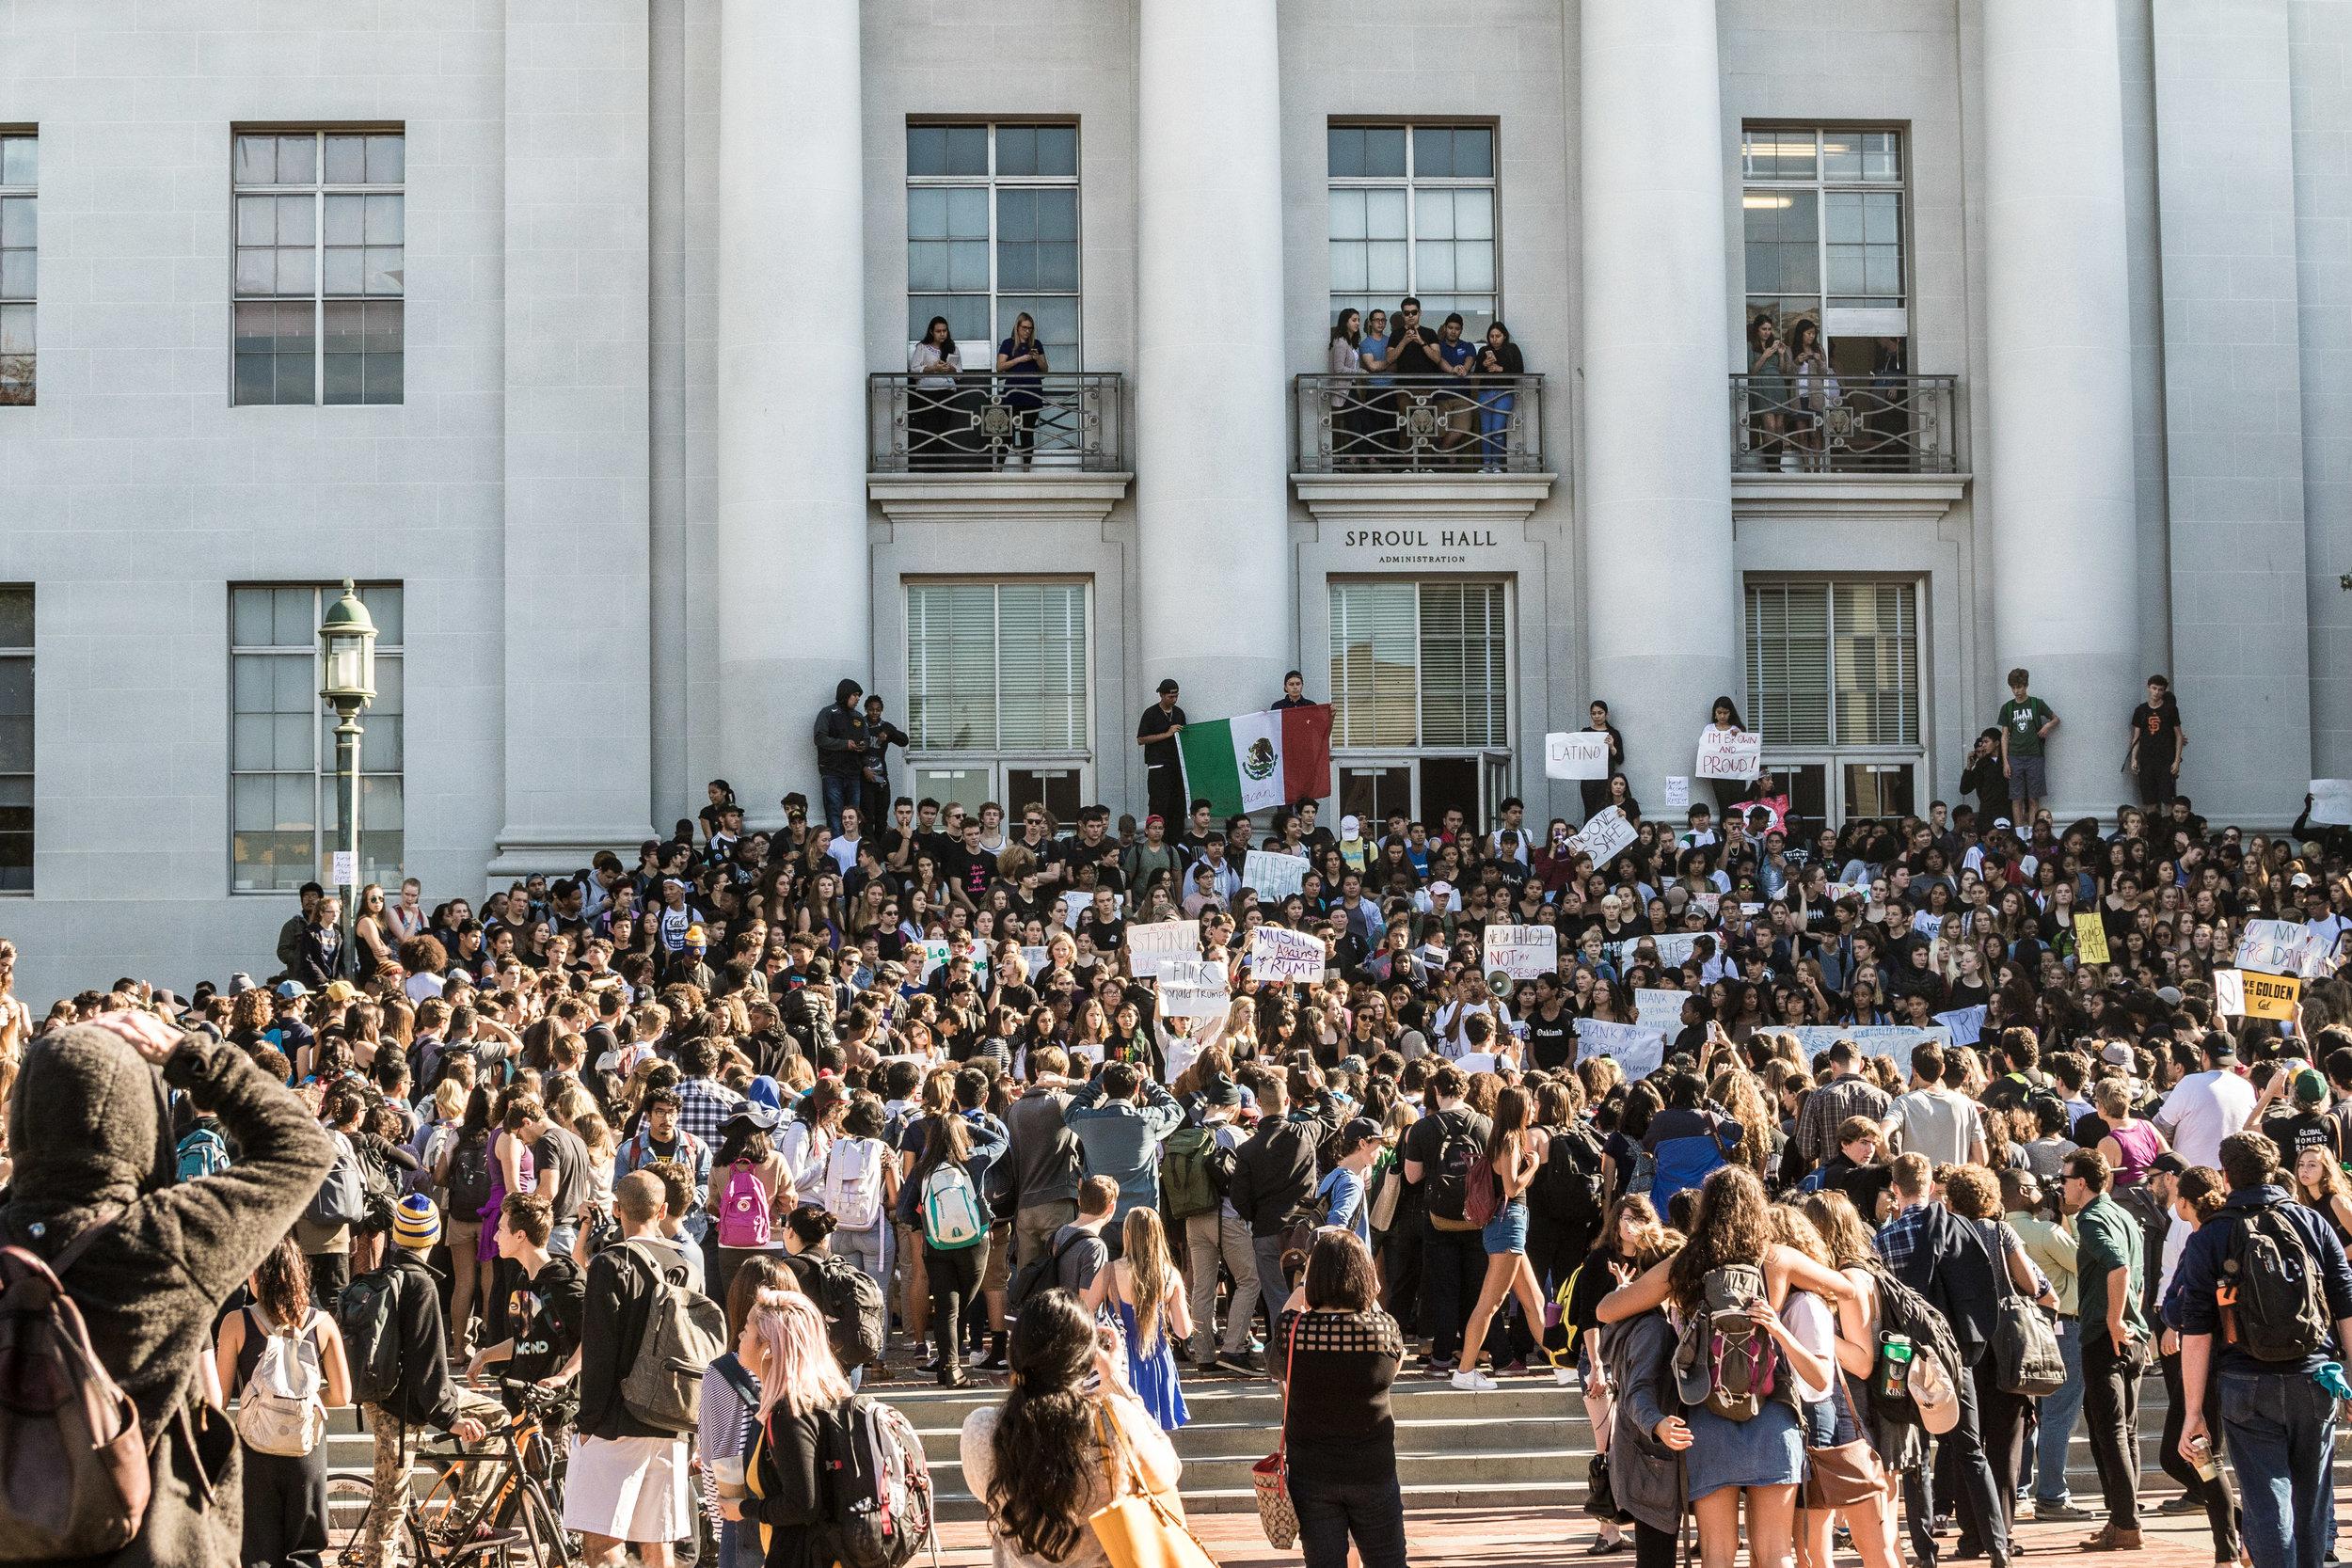 Berkeley-Nov9Rally38-Crowd3-FullRes.jpg